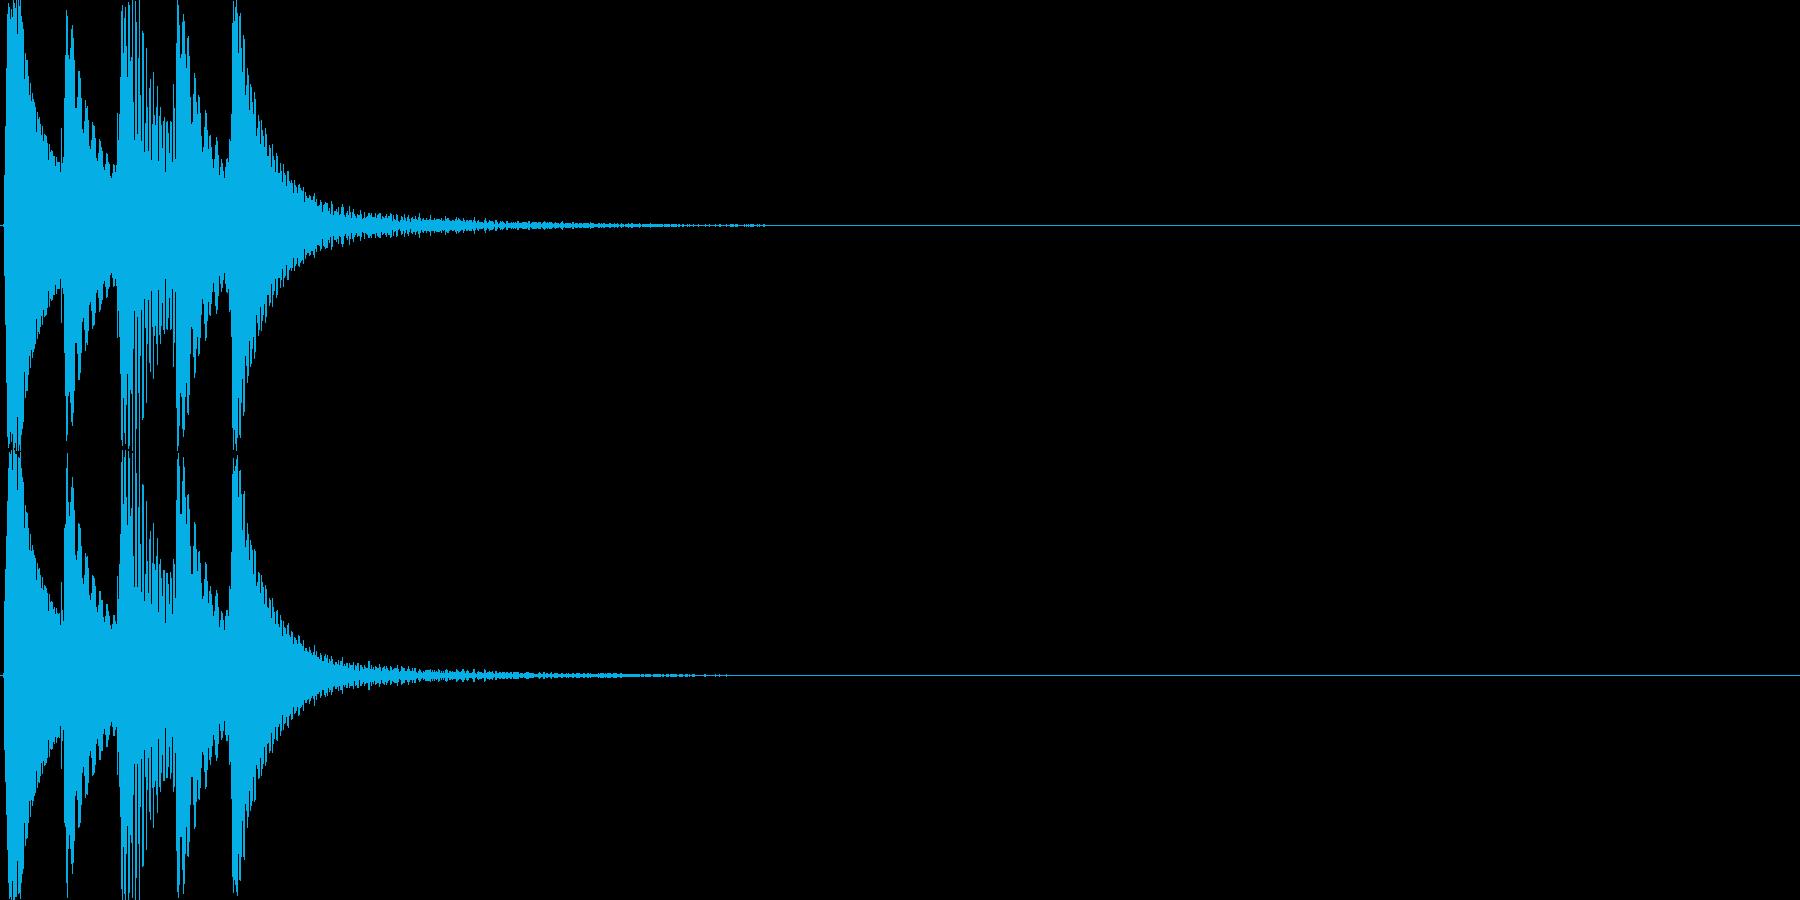 クリック(ゲーム、アプリ等の操作音03)の再生済みの波形